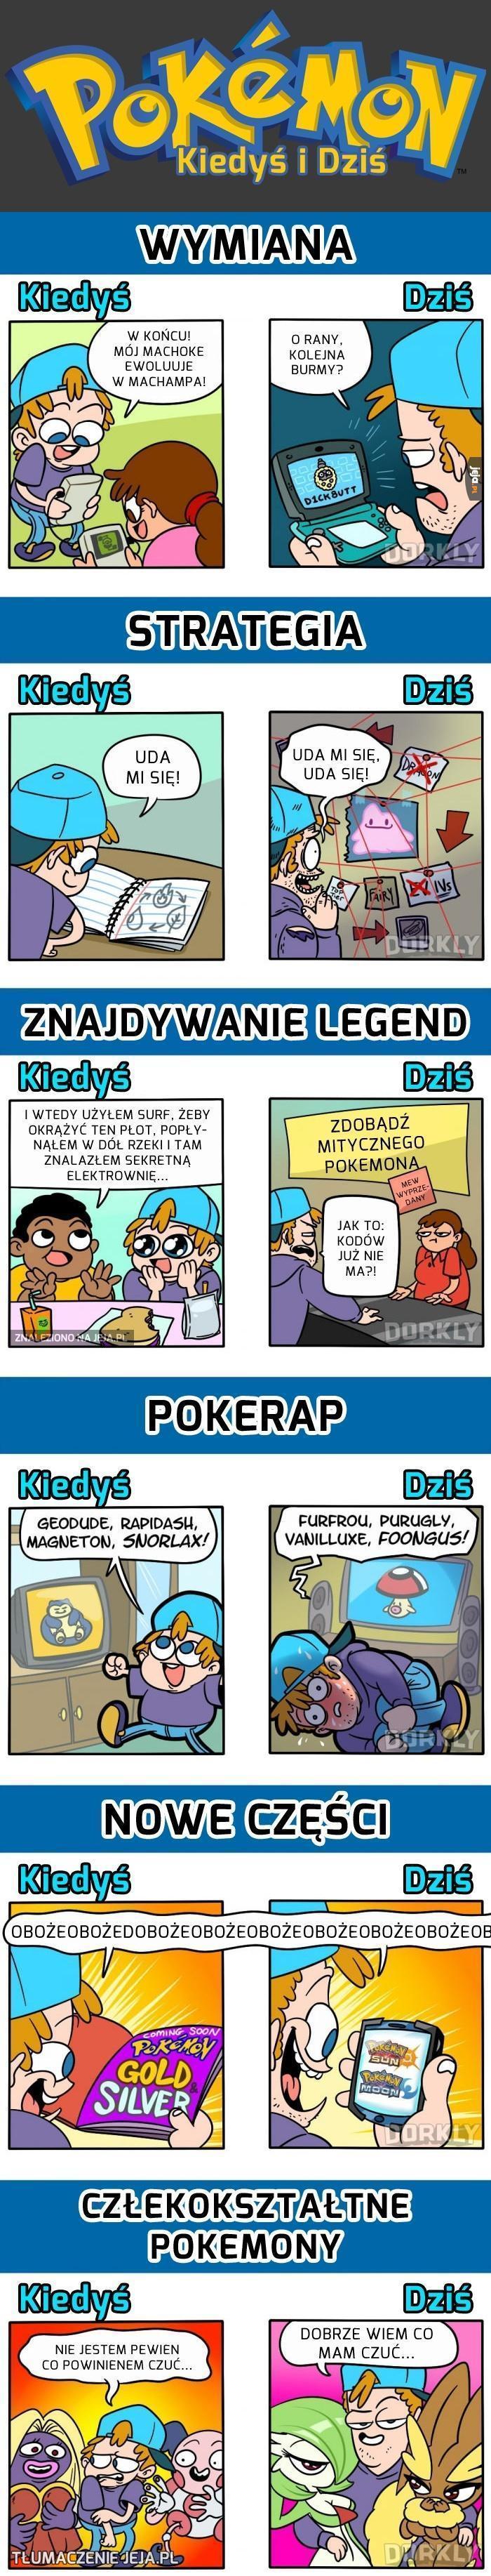 Pokemony: kiedyś i dziś